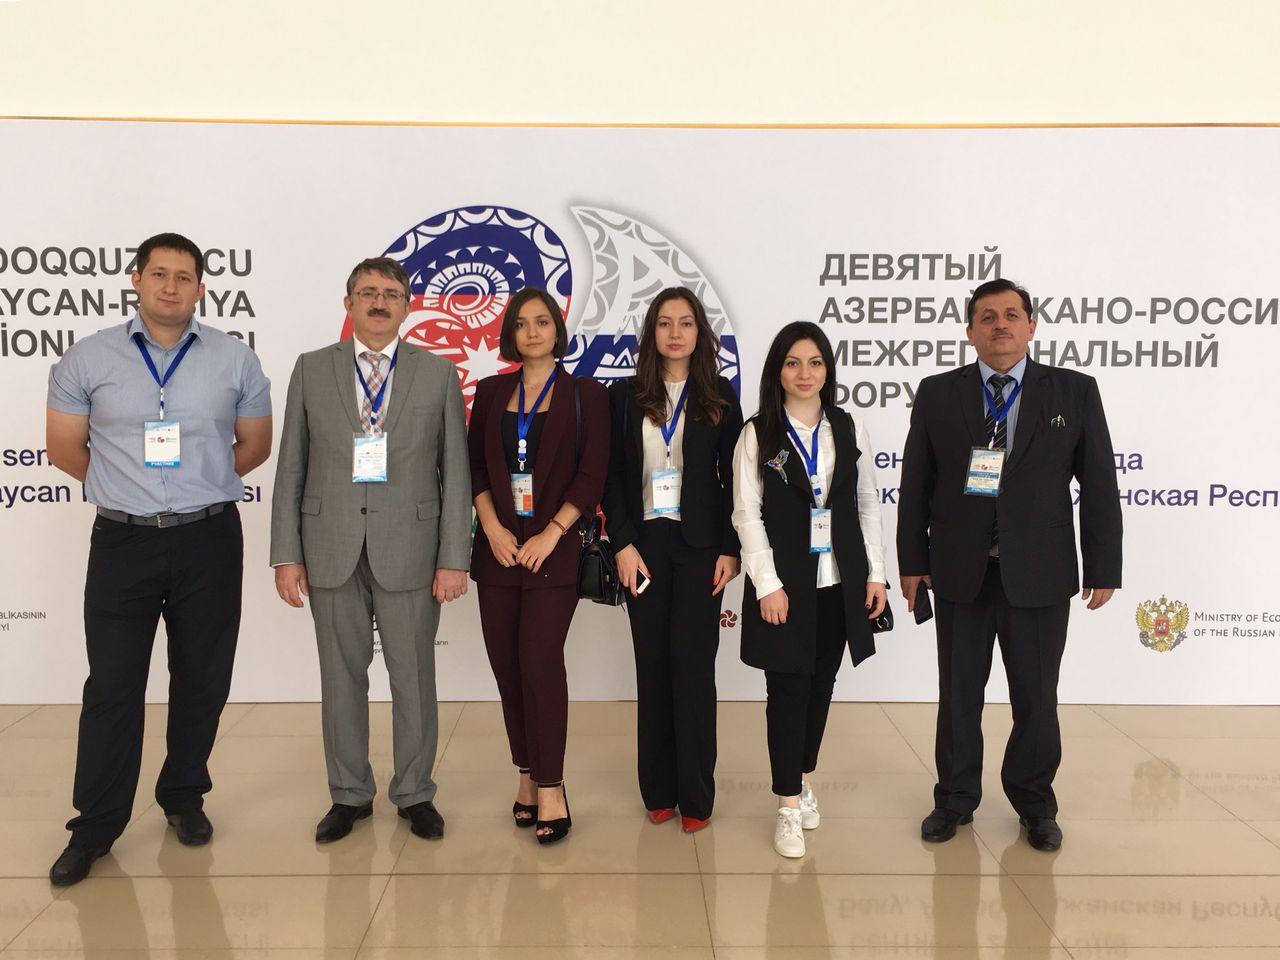 Делегация Северной Осетии приняла участие в работе Девятого российско-азербайджанского межрегионального форума.